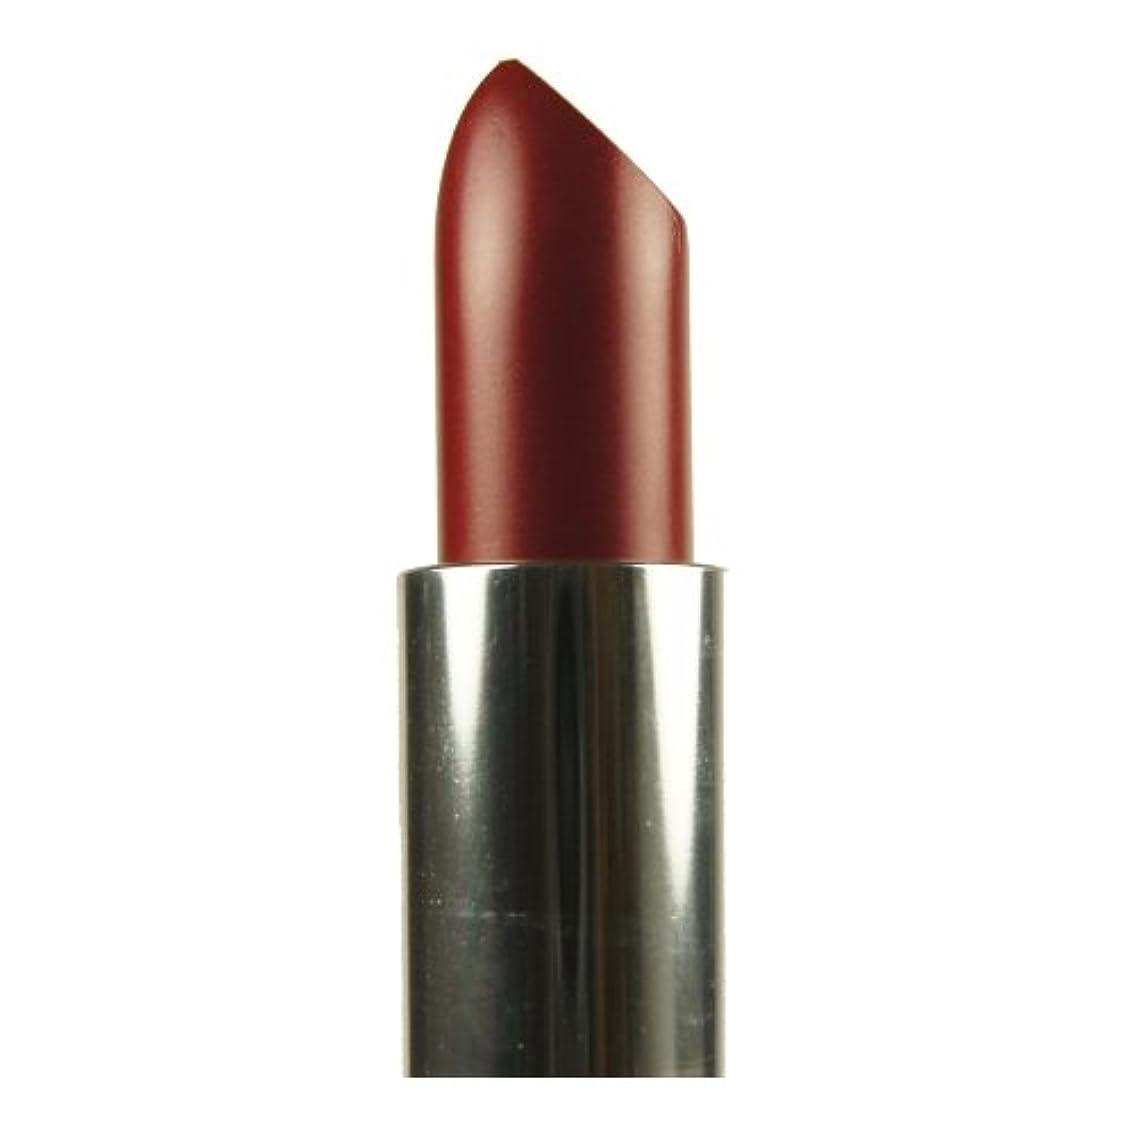 絶滅したアクセシブル獣(6 Pack) RIMMEL LONDON Lasting Finish Intense Wear Lipstick - Bordeaux (並行輸入品)